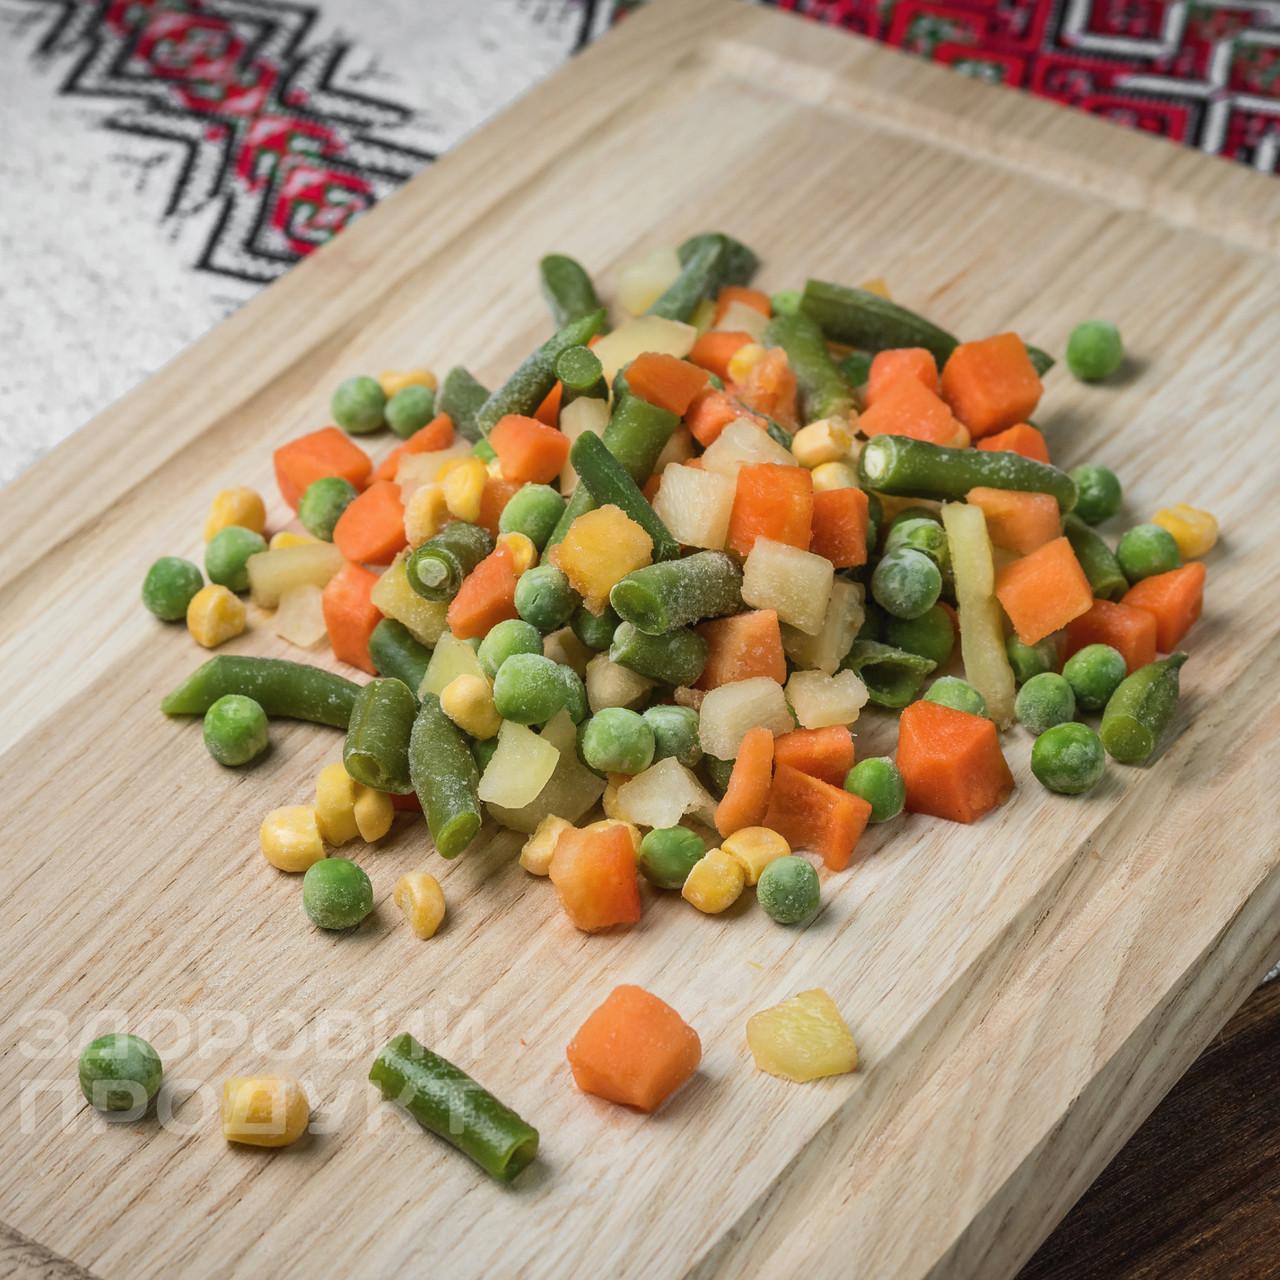 """Суміш """"Мексиканська"""" ( морква, перець червоний, квасоля стручкова, горох, кукурудза) заморожена"""